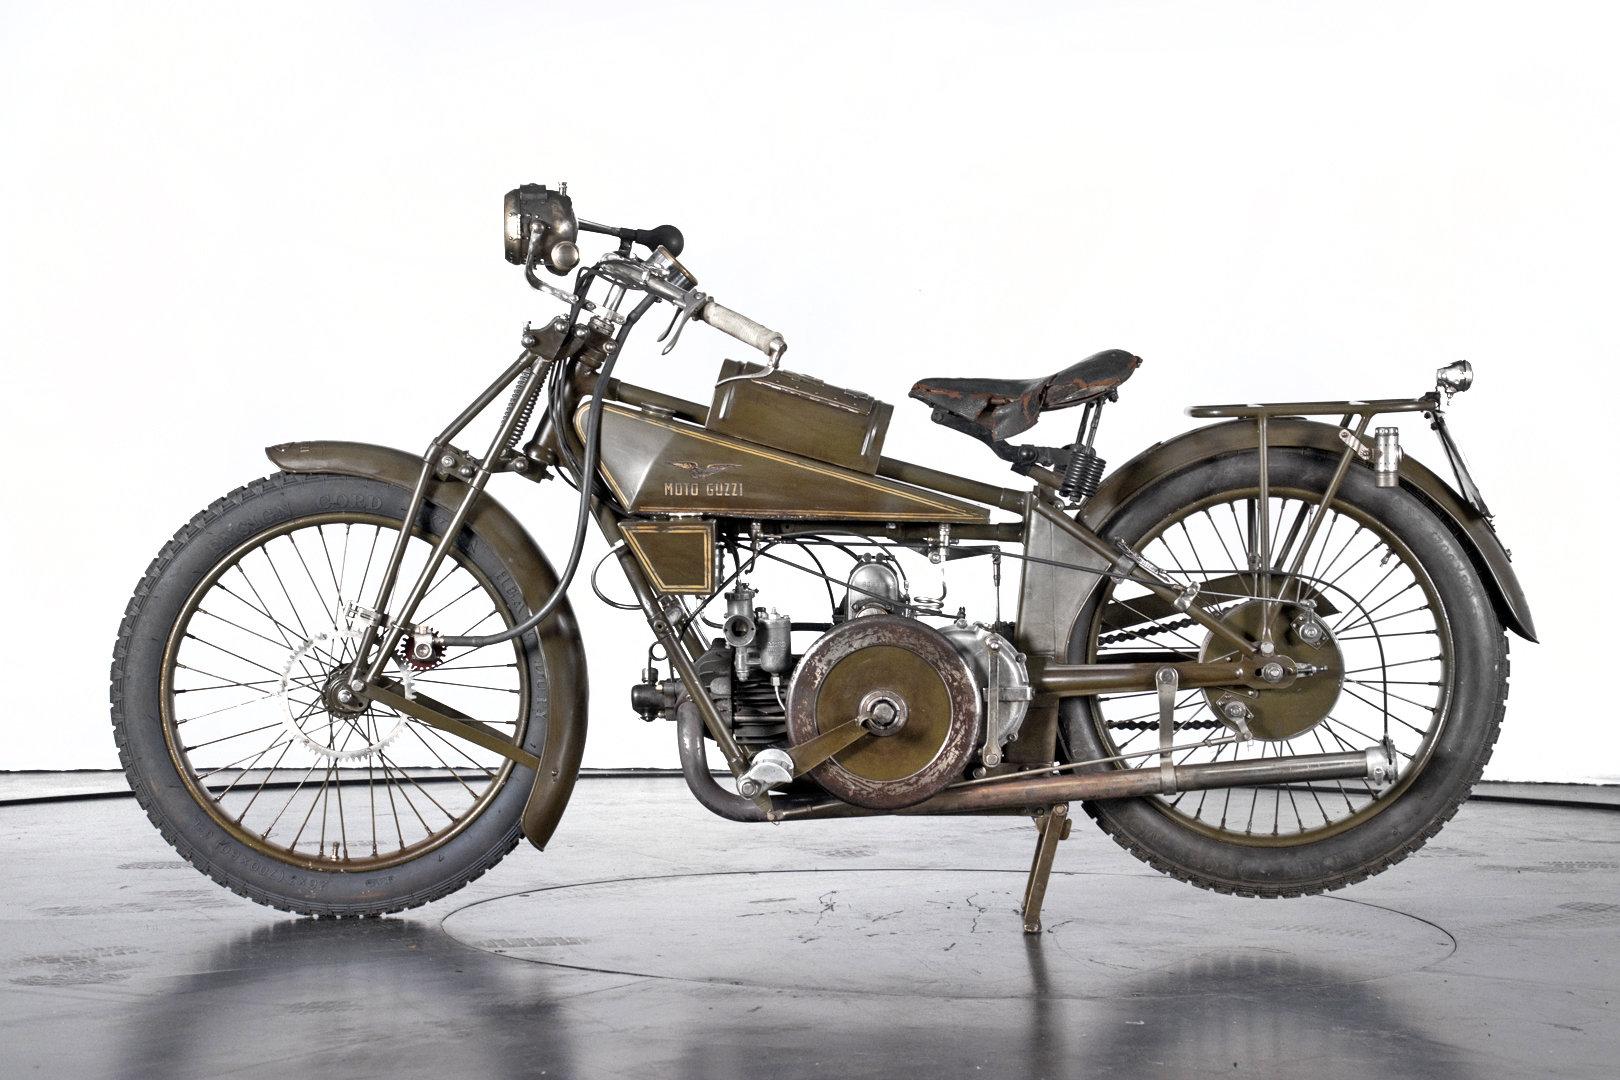 MOTO GUZZI - 500 NORMALE - 1924 For Sale (picture 1 of 6)